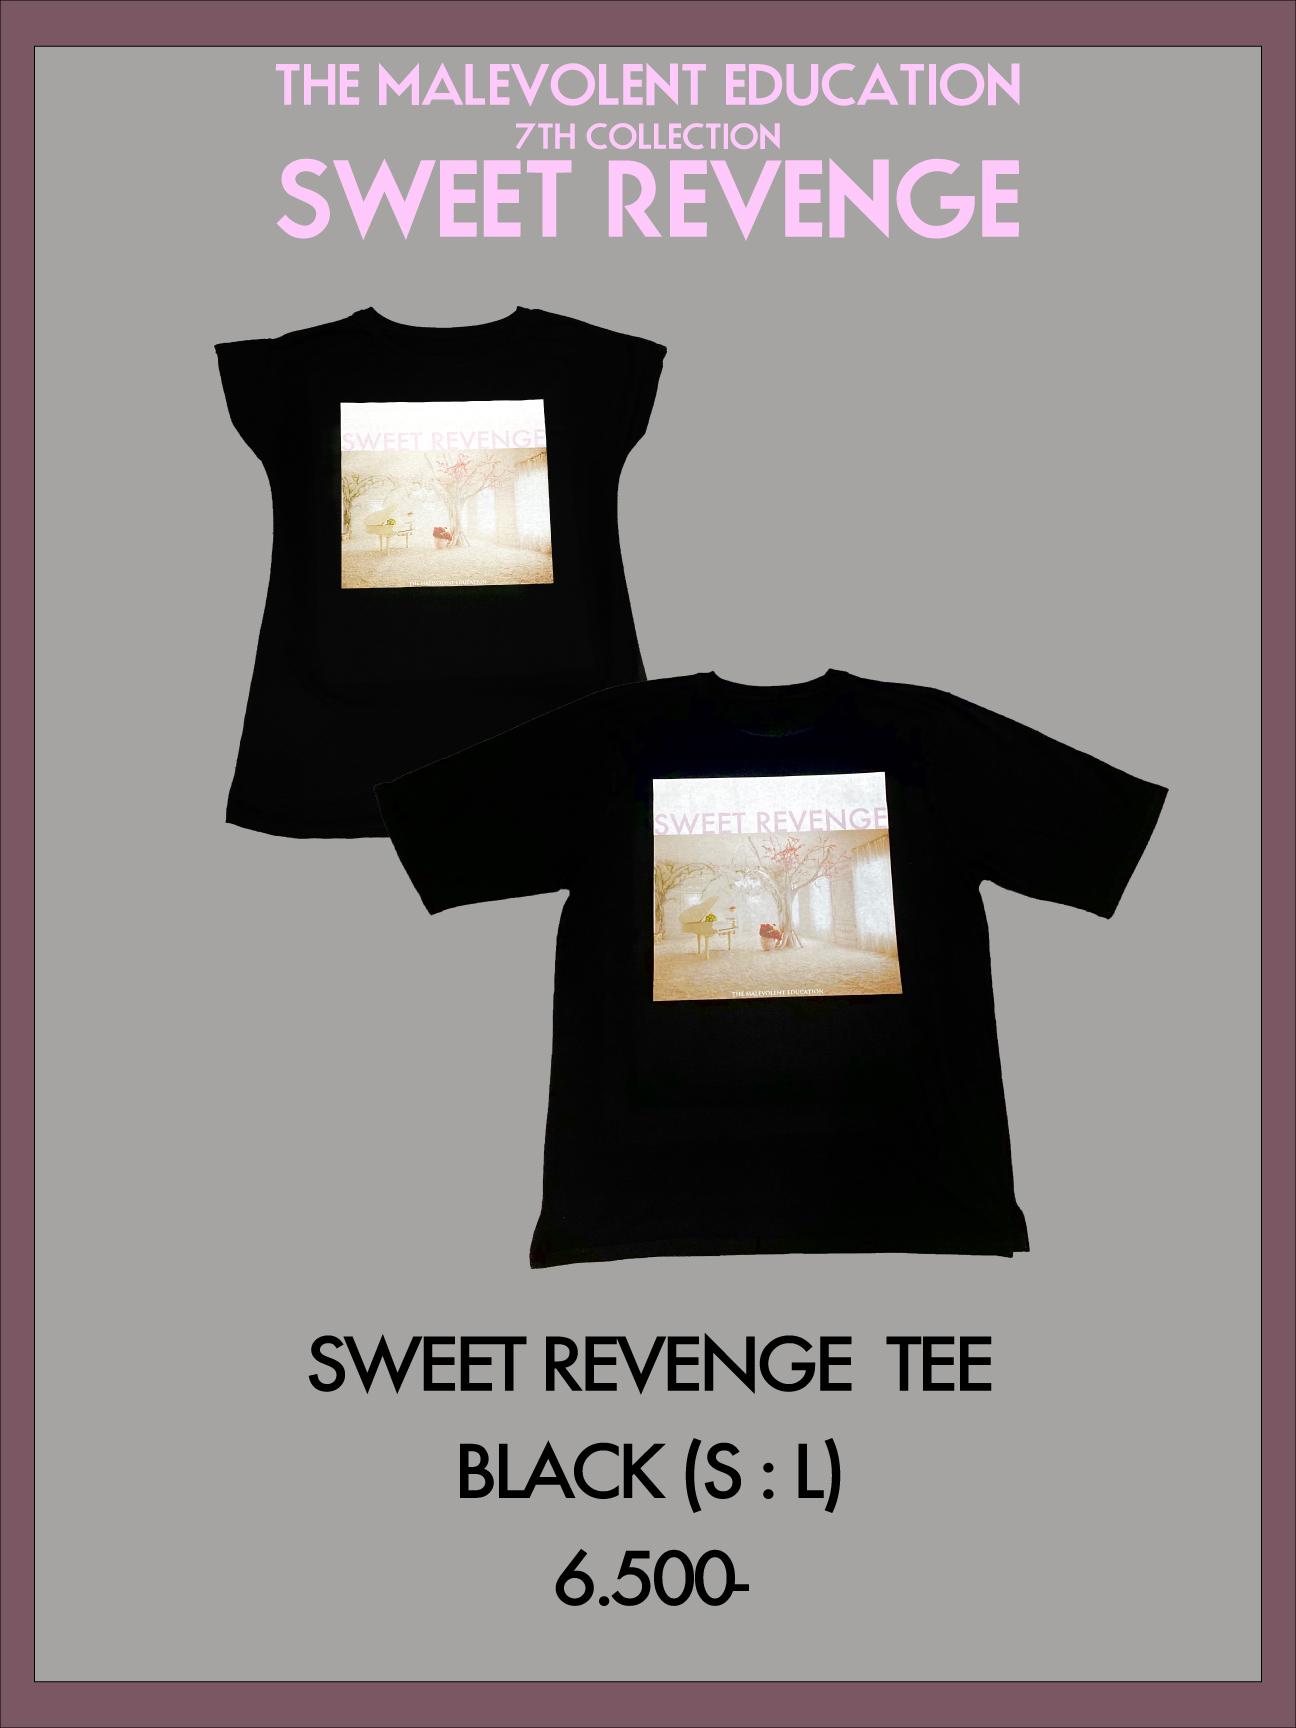 SWEET REVENGE TEE (BLACK) S / L